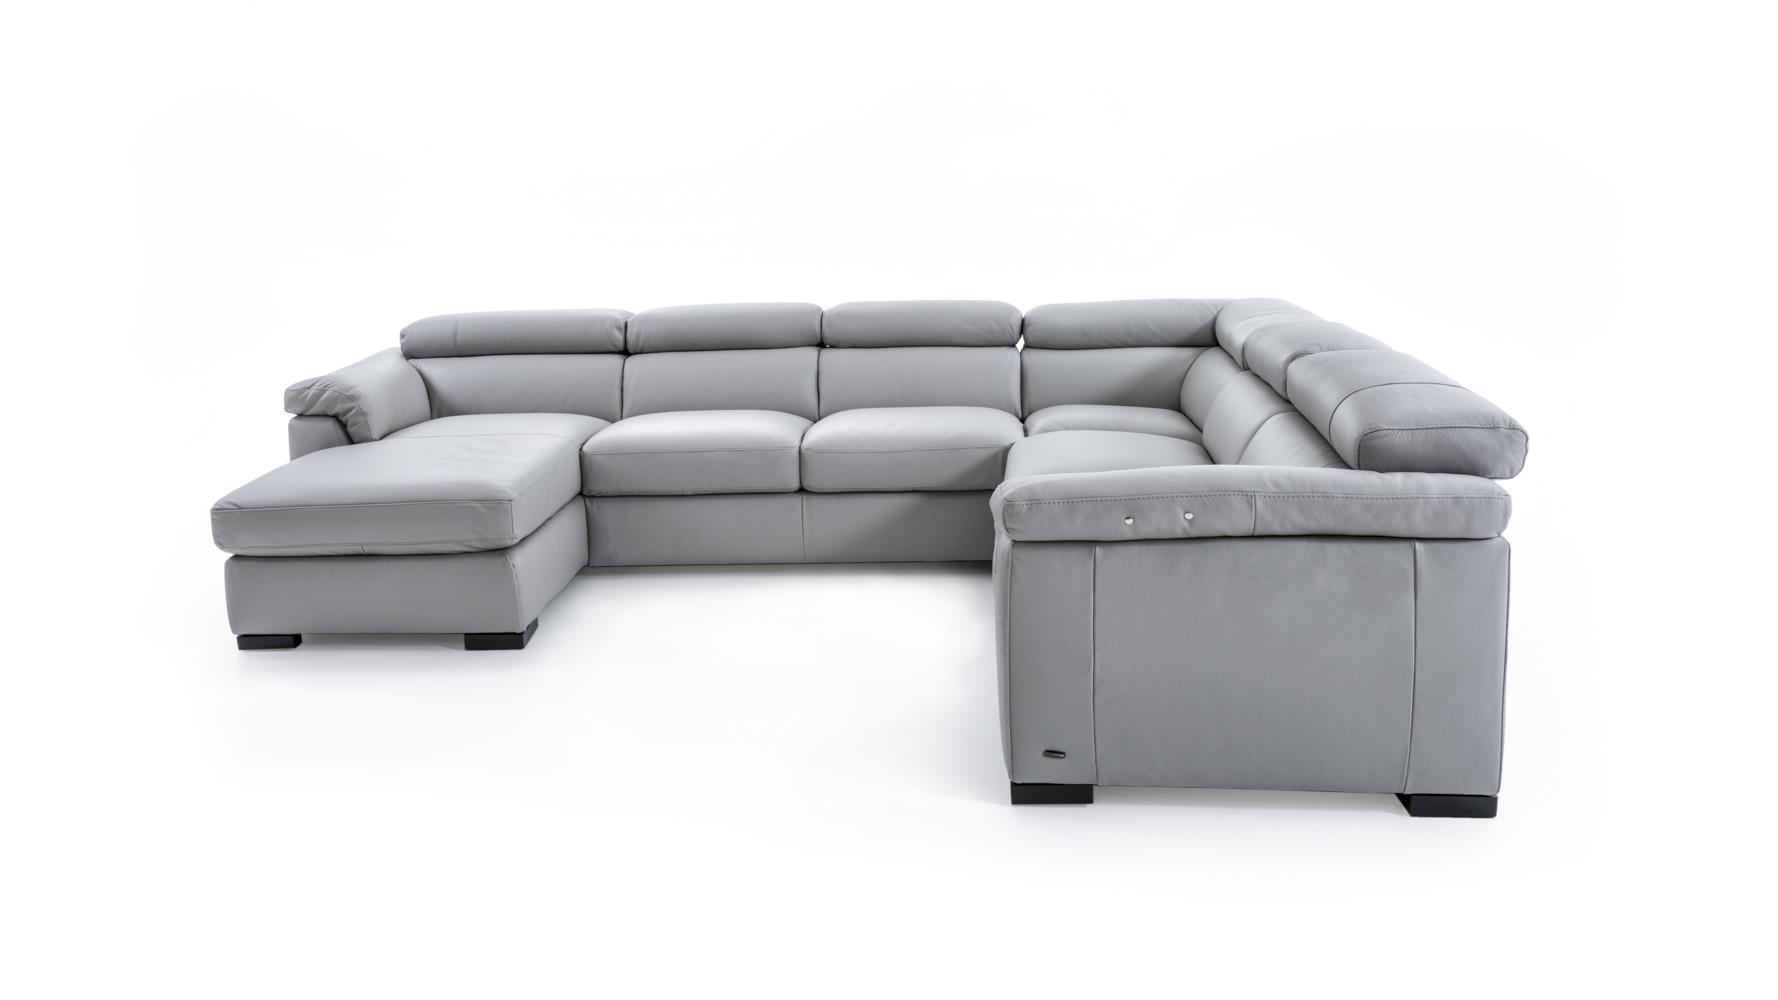 tommaso sectional sofa w power recline